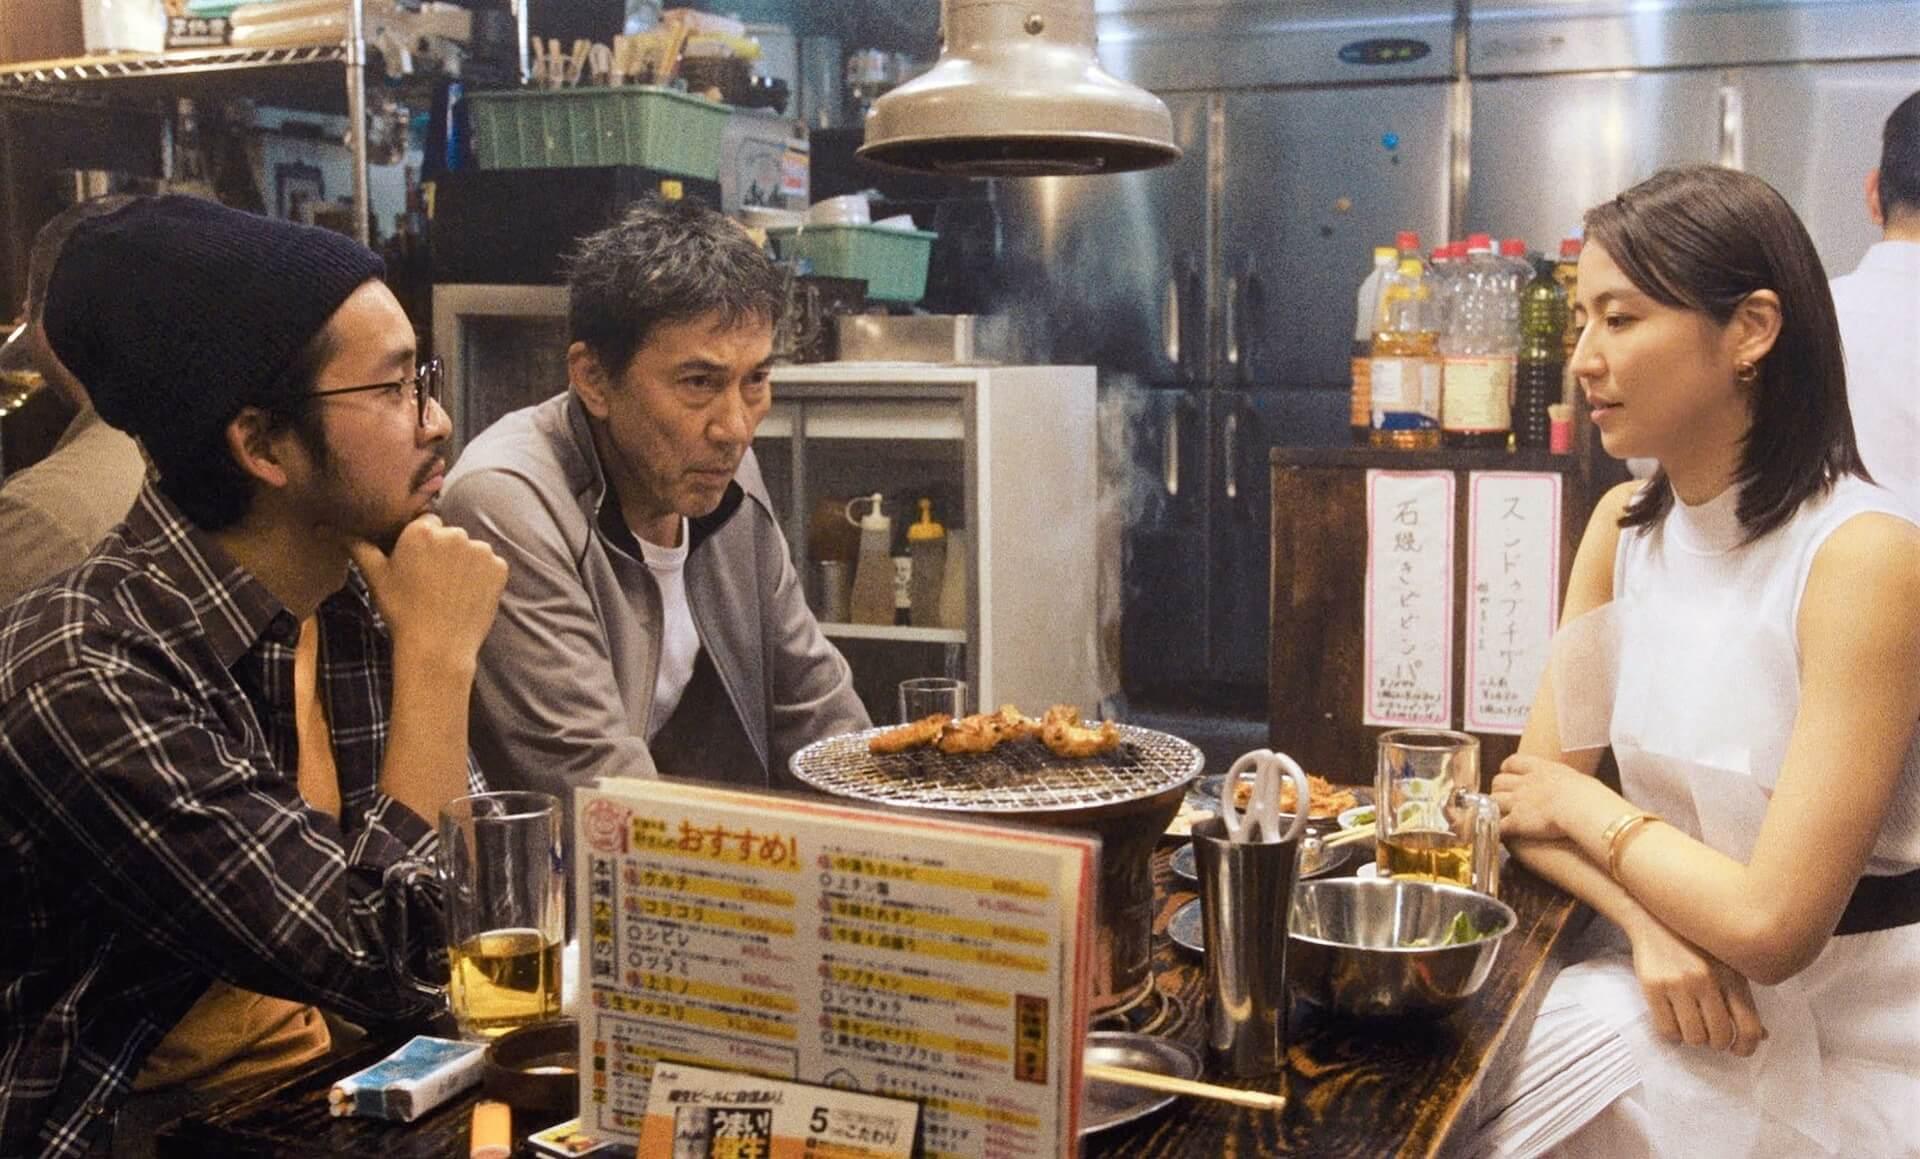 長澤まさみが敏腕プロデューサー役で新たな一面を見せる!西川美和監督作『すばらしき世界』の15秒スポット映像が解禁 film210119_subarasikisekai_3